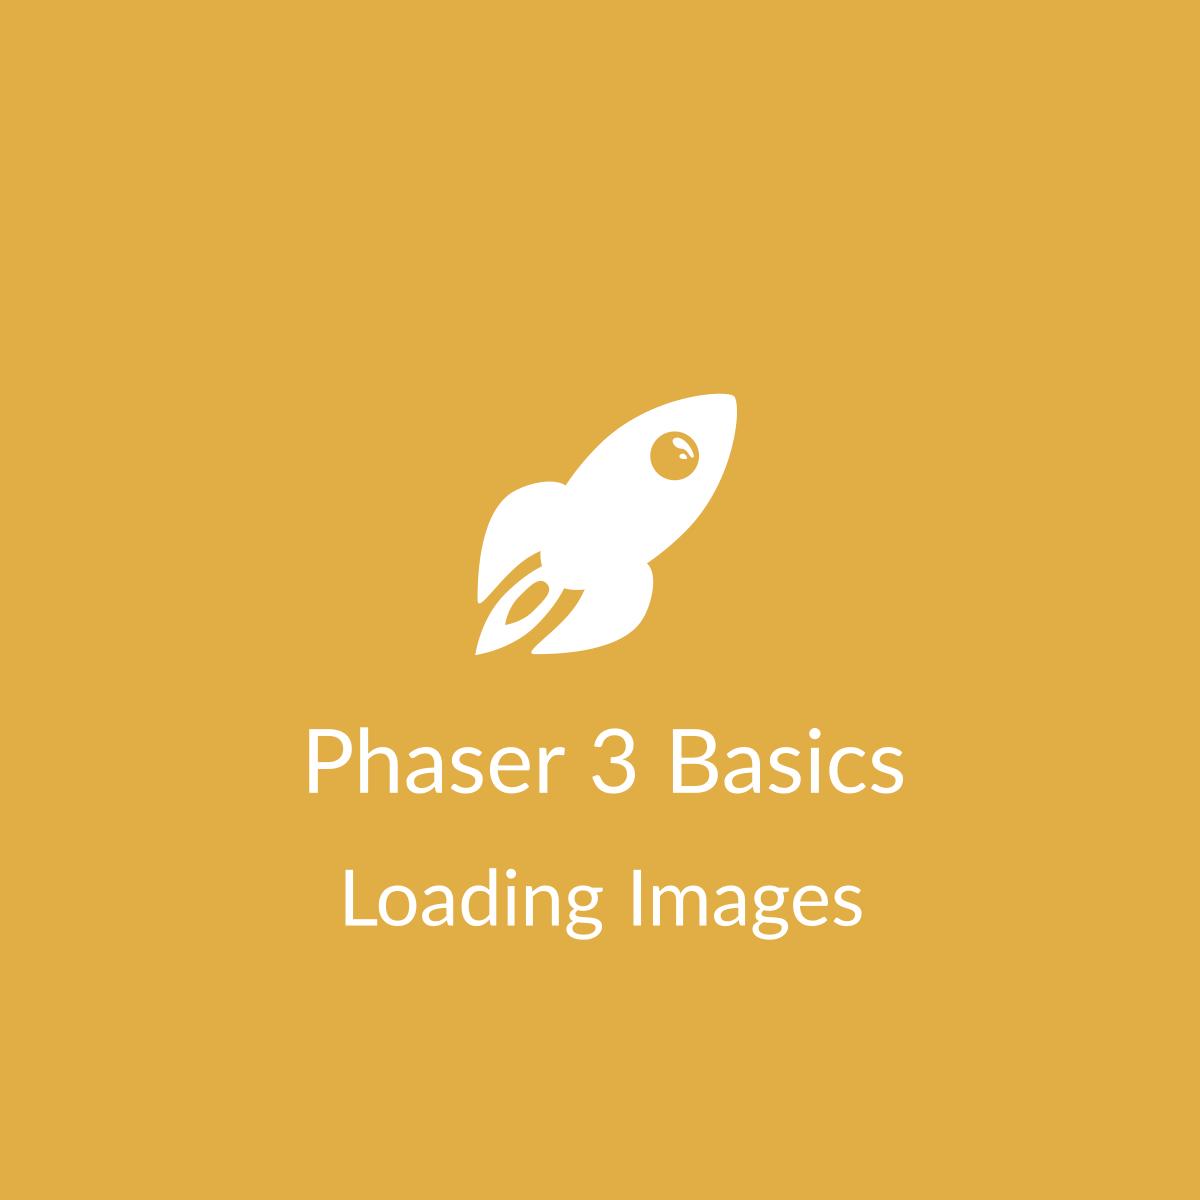 Phaser 3 Basics: Loading Images